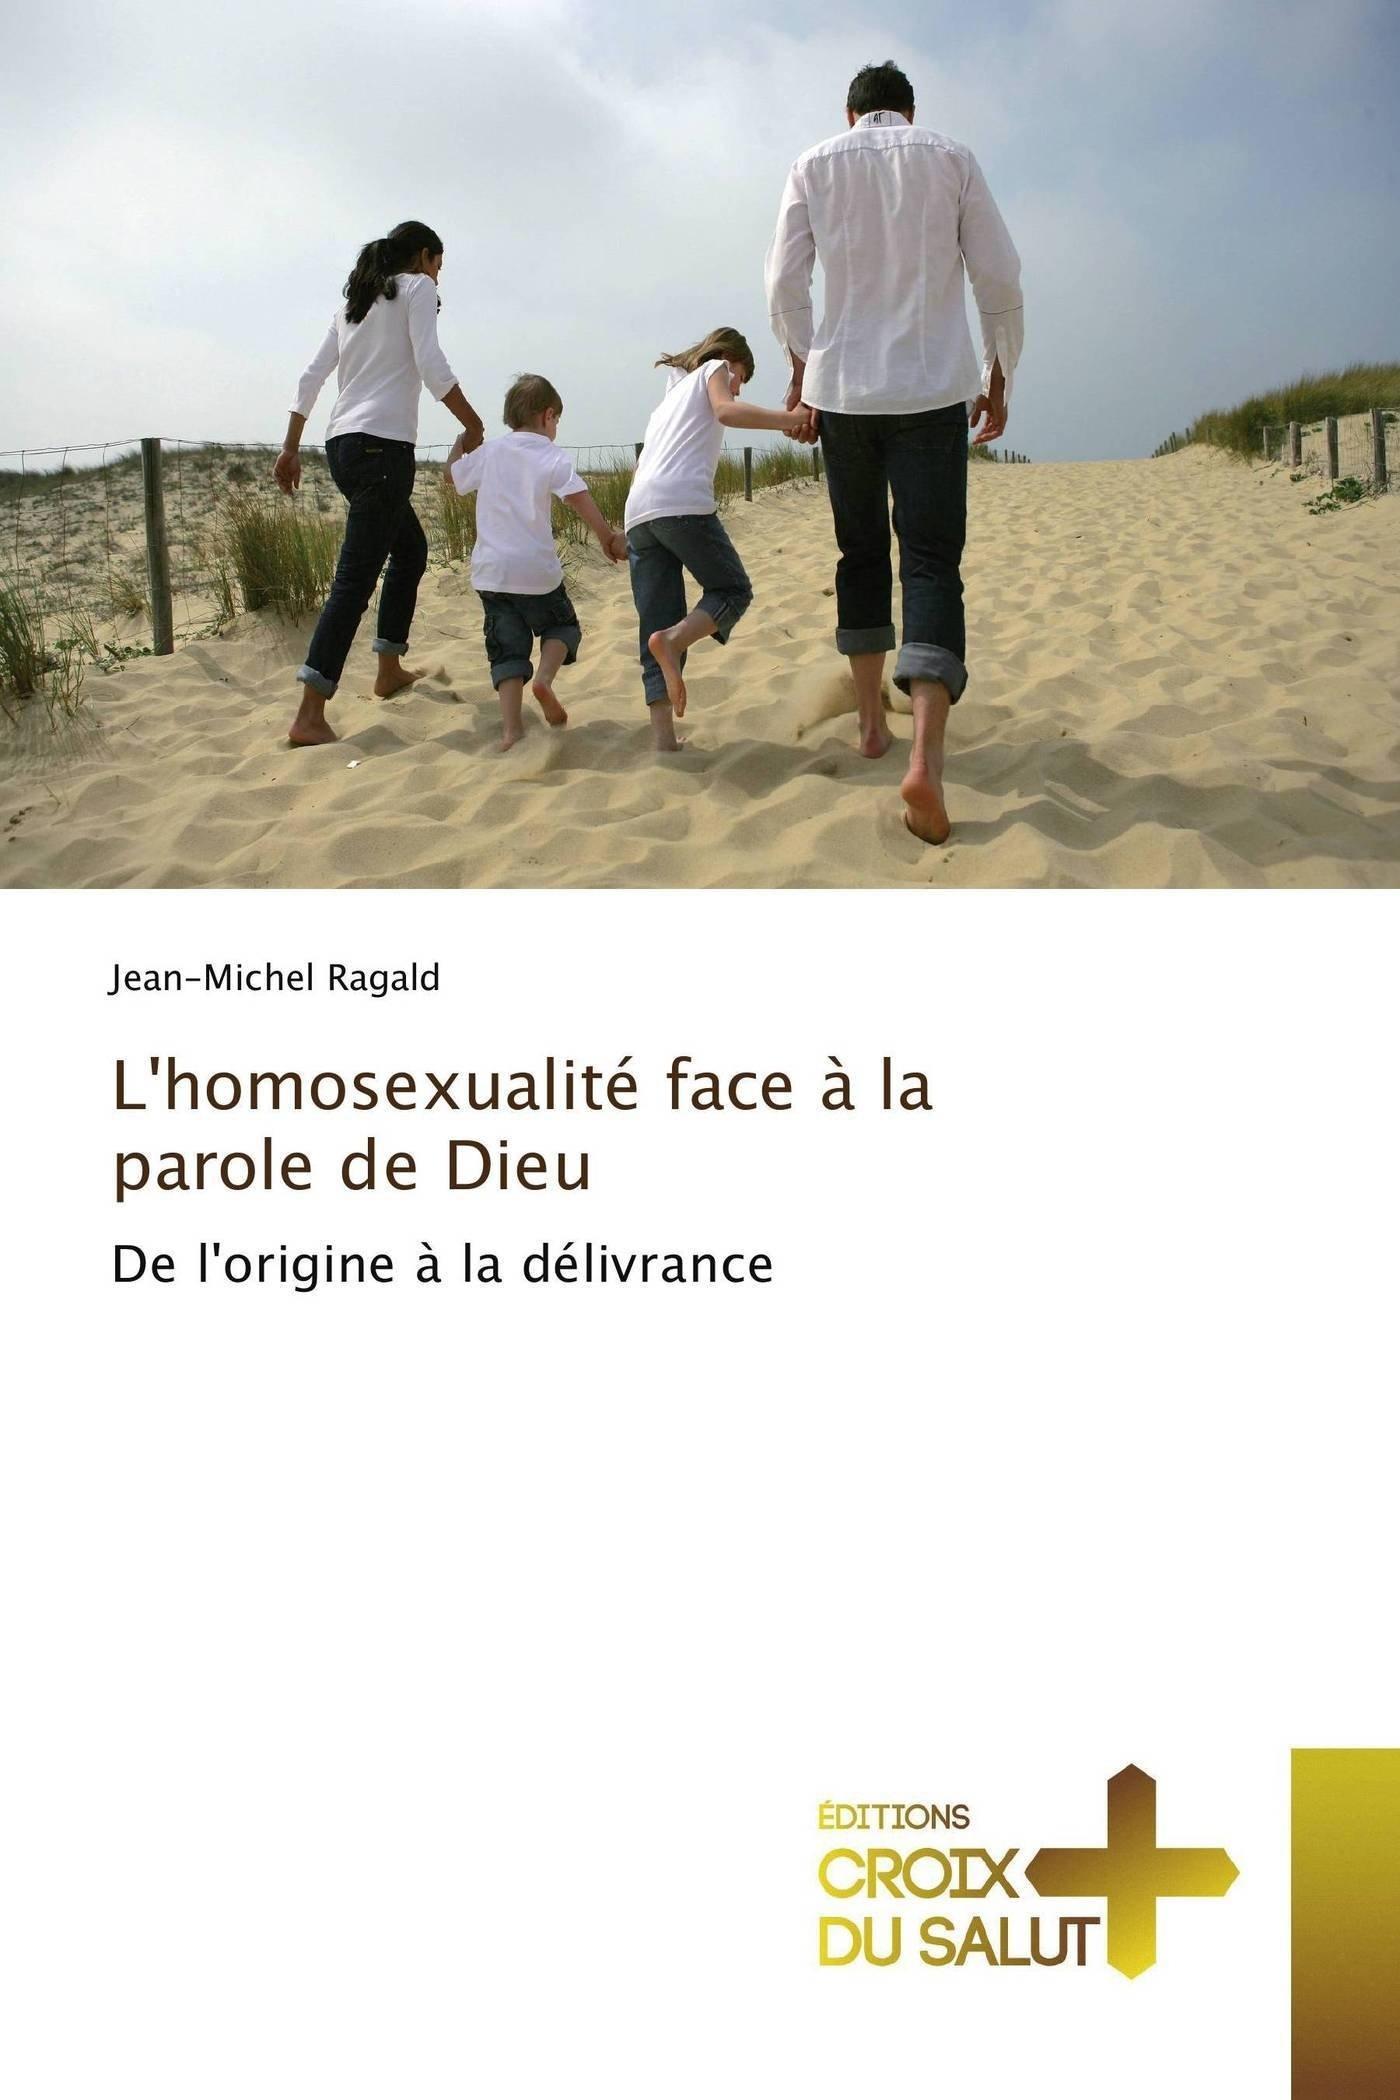 L'homosexualité face à la parole de Dieu: De l'origine à la délivrance (Omn.Croix Salut) (French Edition) ebook